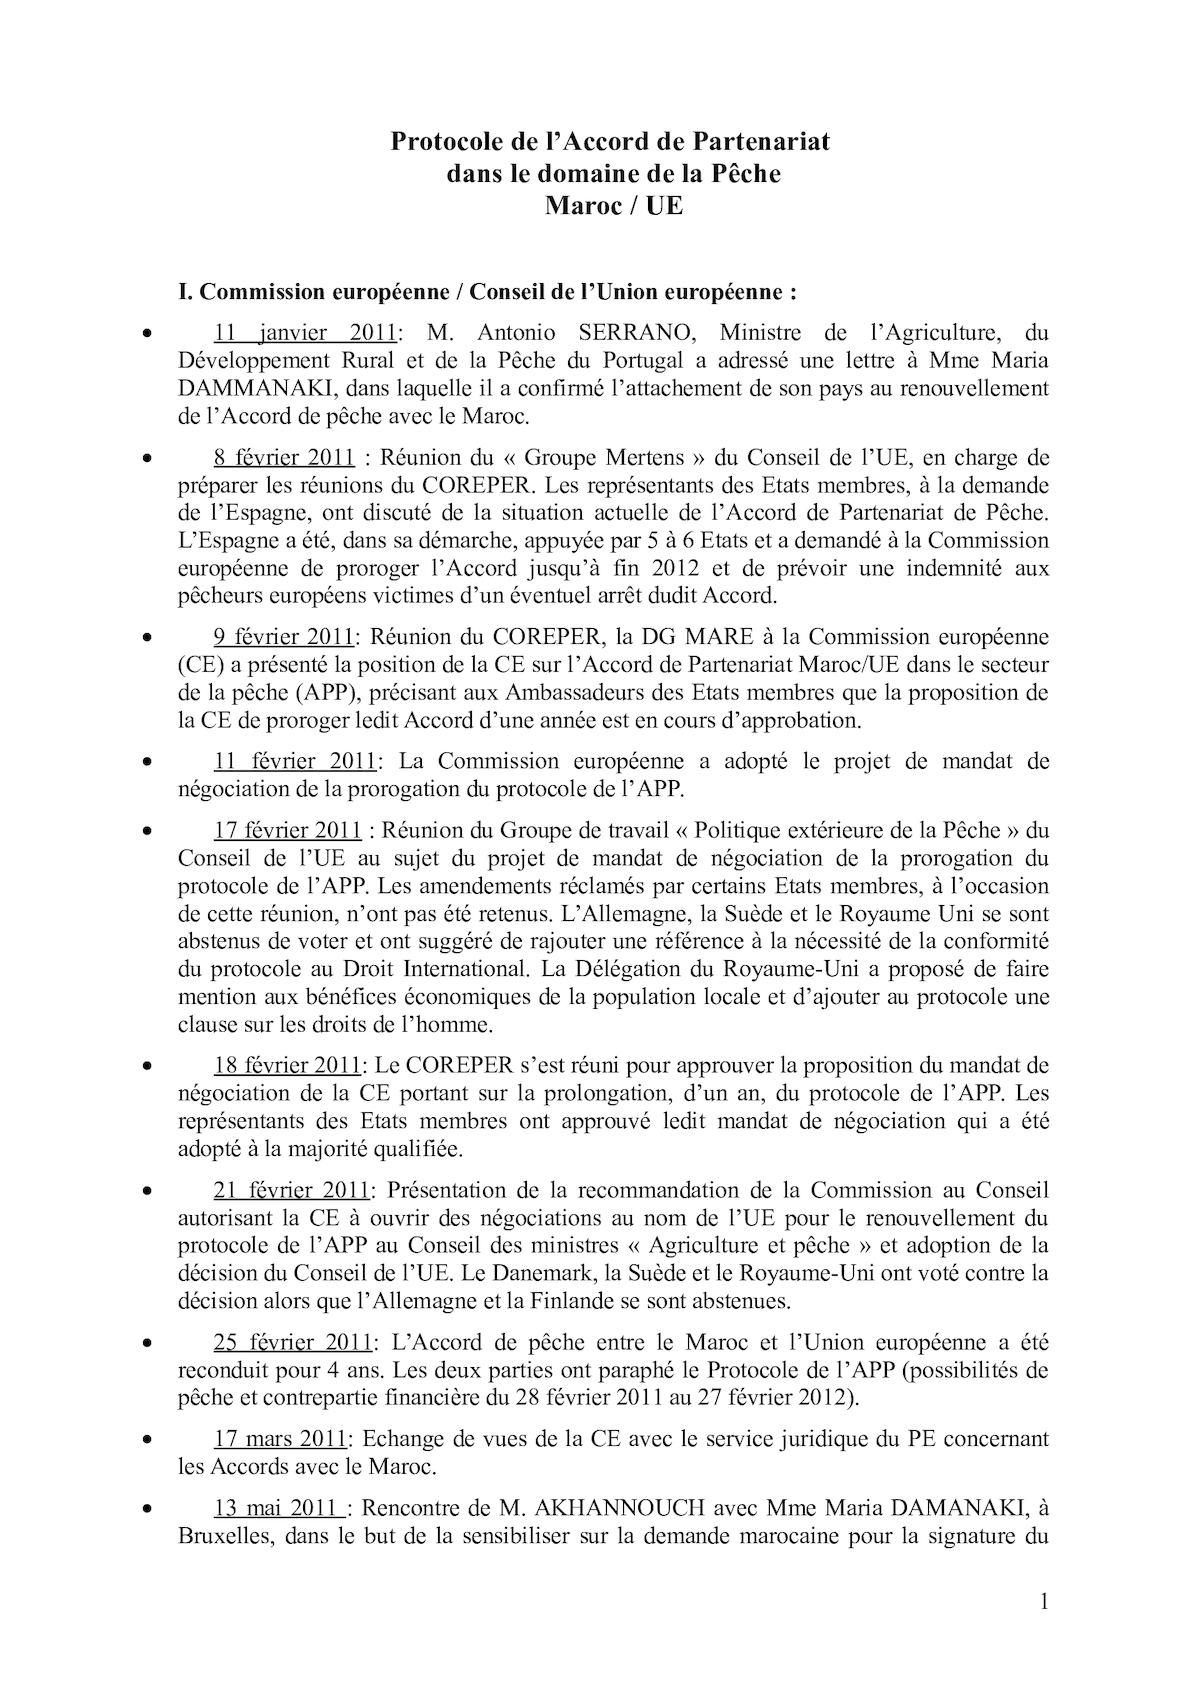 Fiche Accord De Peche Maroc Ue Last